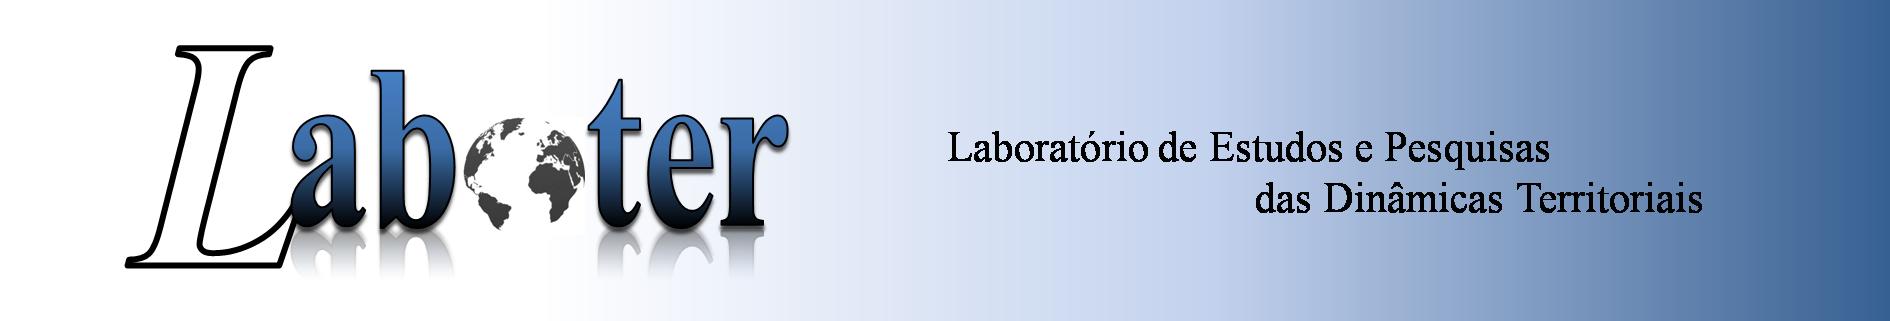 Banner Laboter